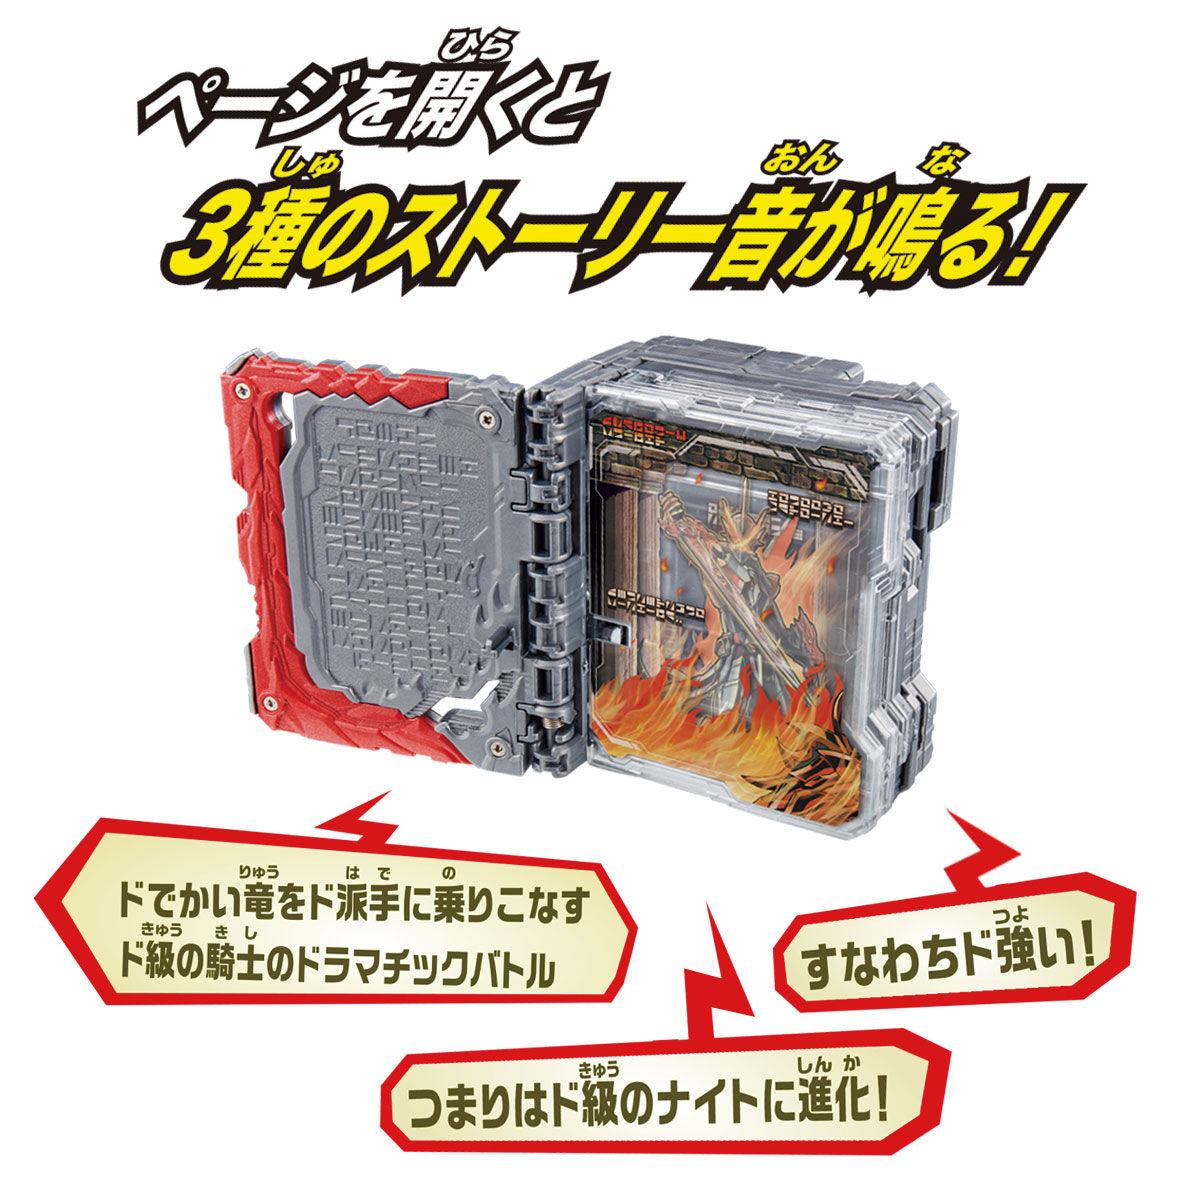 仮面ライダーセイバー『DXドラゴニックナイトワンダーライドブック』変身なりきり-005